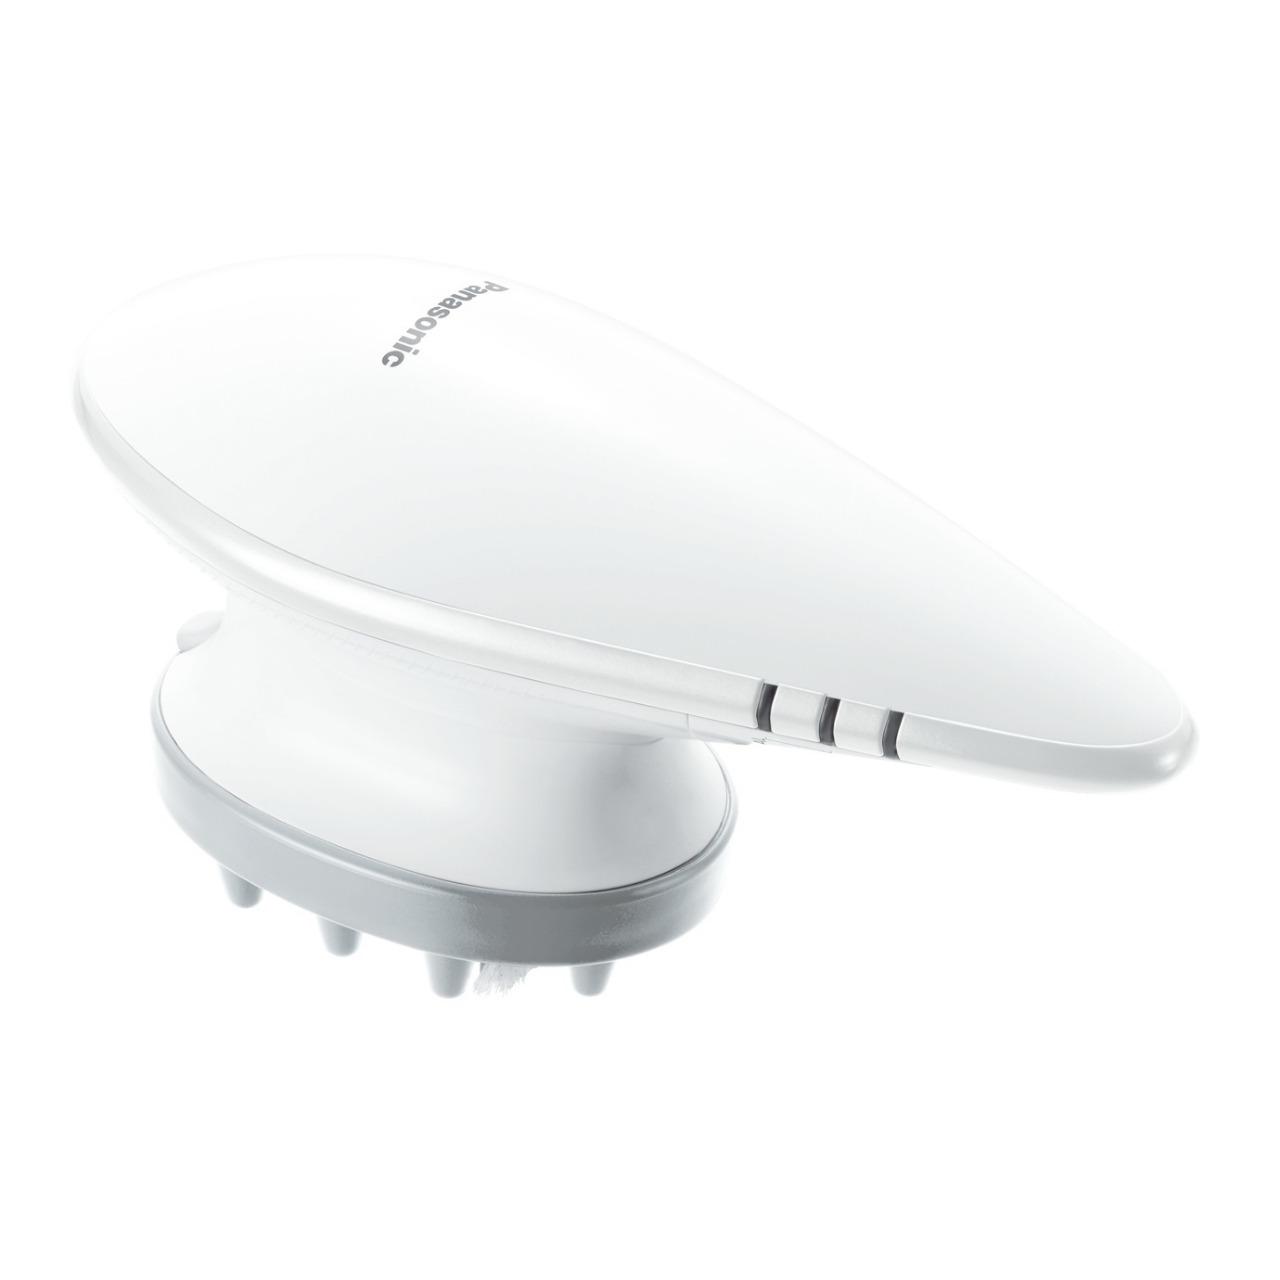 パナソニック音波頭皮ブラシEH-HM29